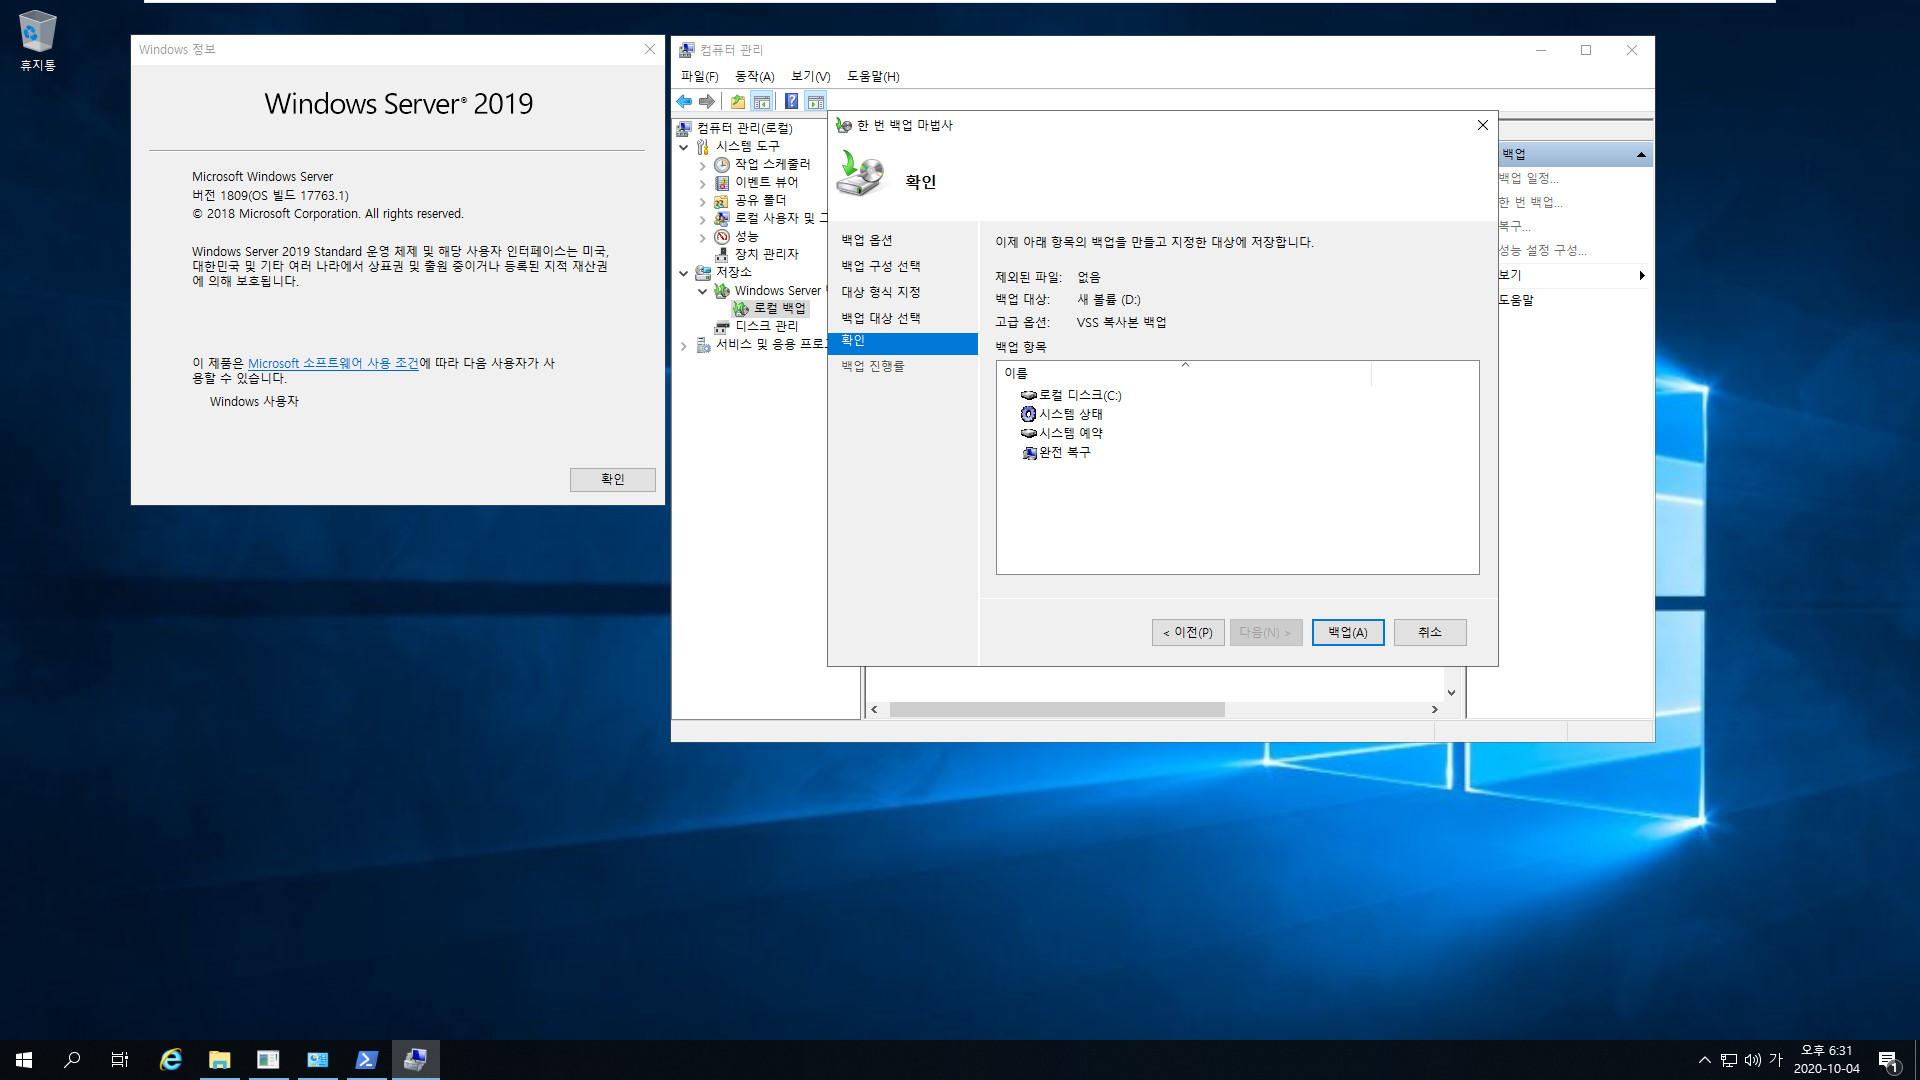 윈도우 서버군은 윈도우 사용중에도 자체 WBadmin 명령으로 윈도우 복구를 합니다 - Windows Server 2019로 복구 테스트 2020-10-04_183112.jpg